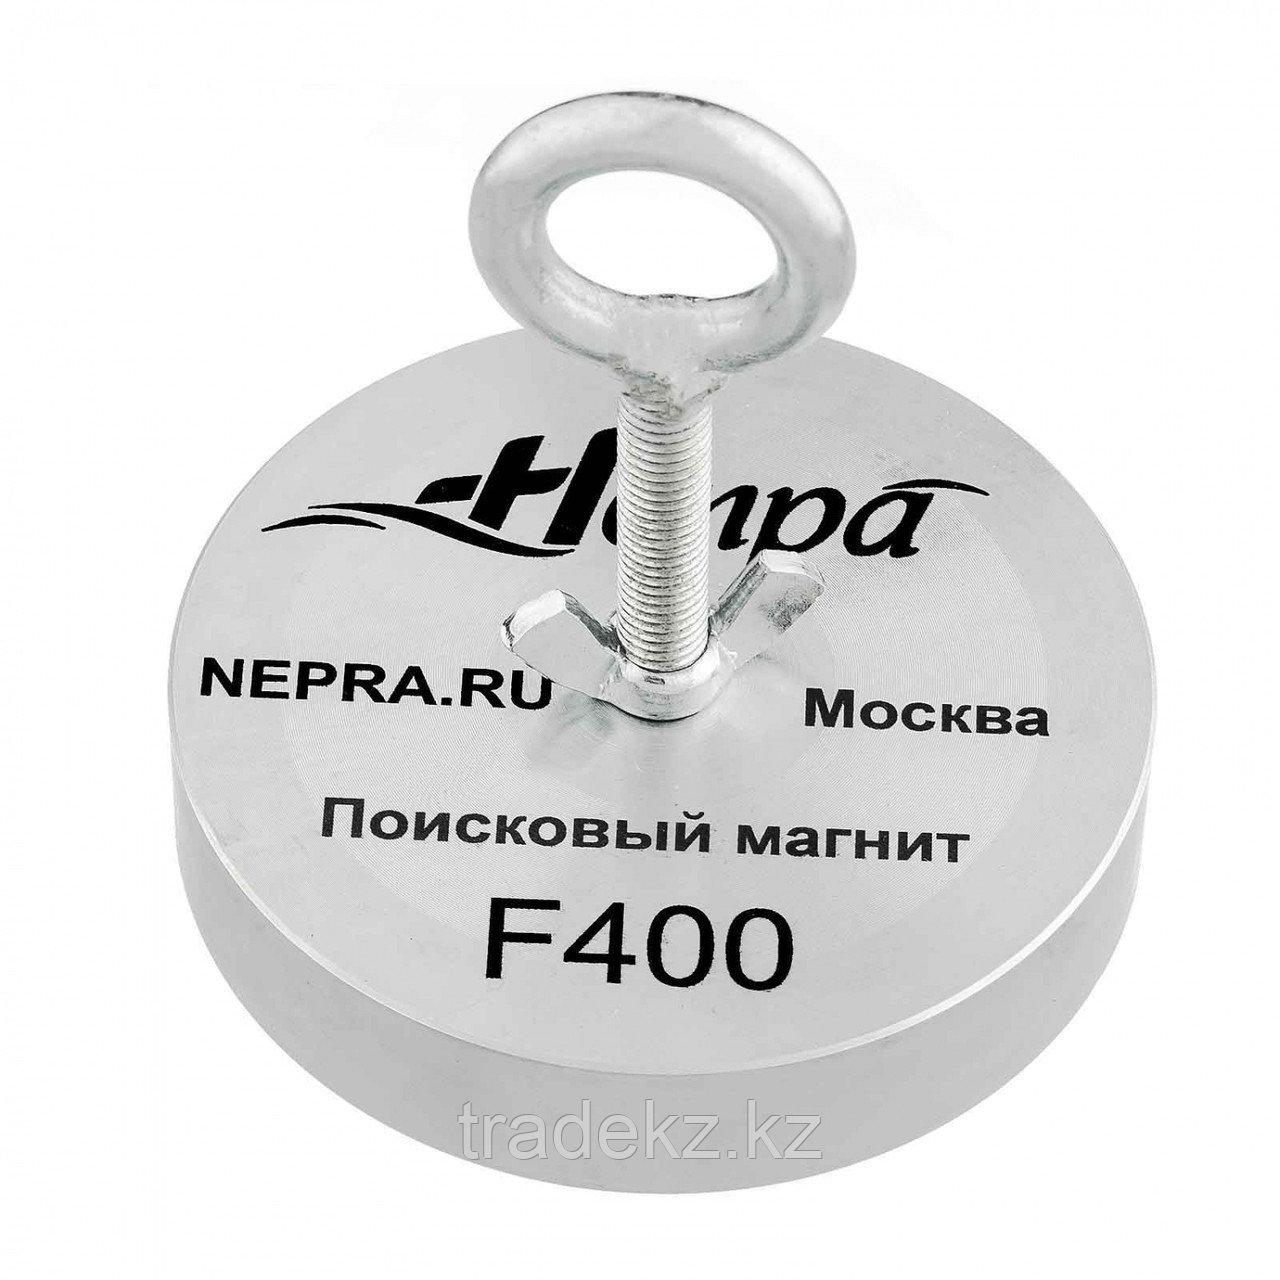 Поисковый магнит односторонний Непра F400, усилие отрыва 400 кг